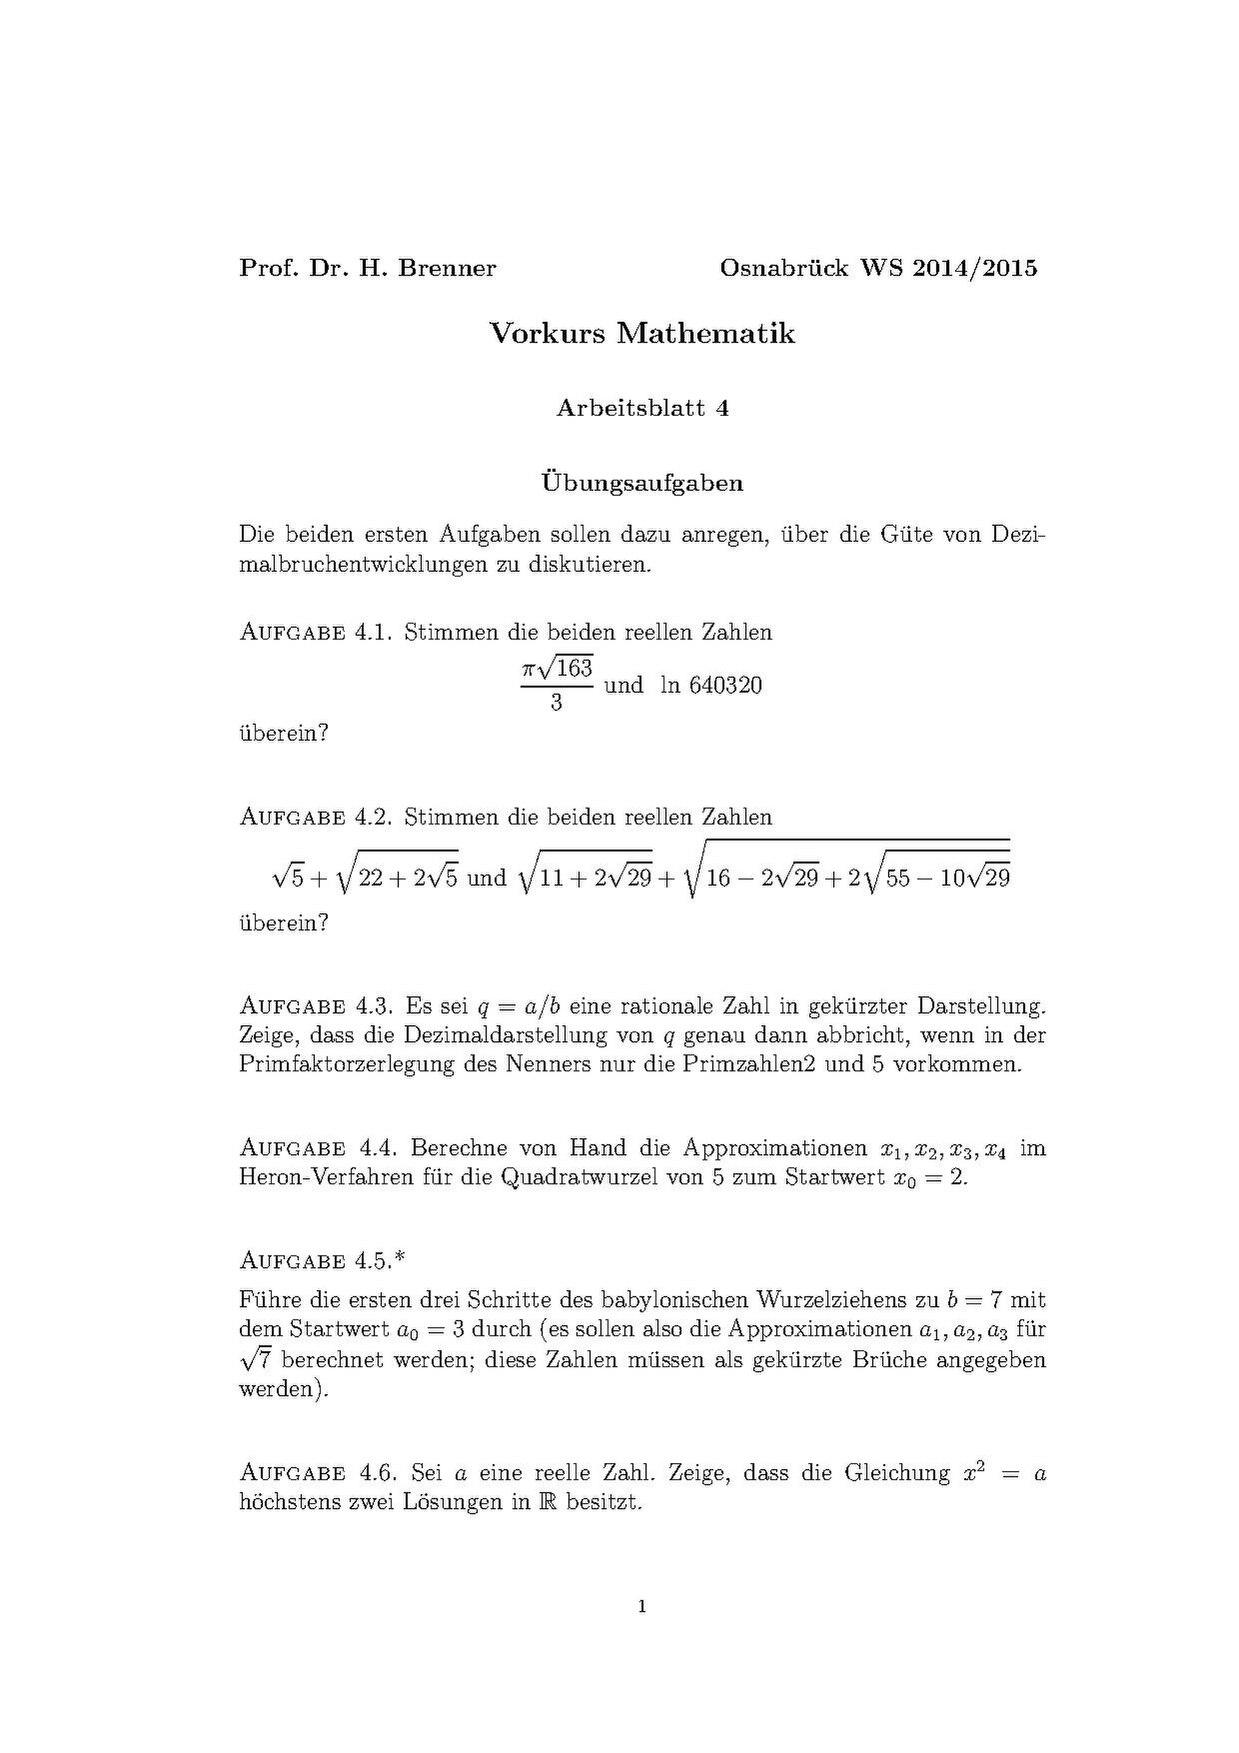 Unique Lösung Quadratwurzel Gleichungen Arbeitsblatt Schlüssel ...